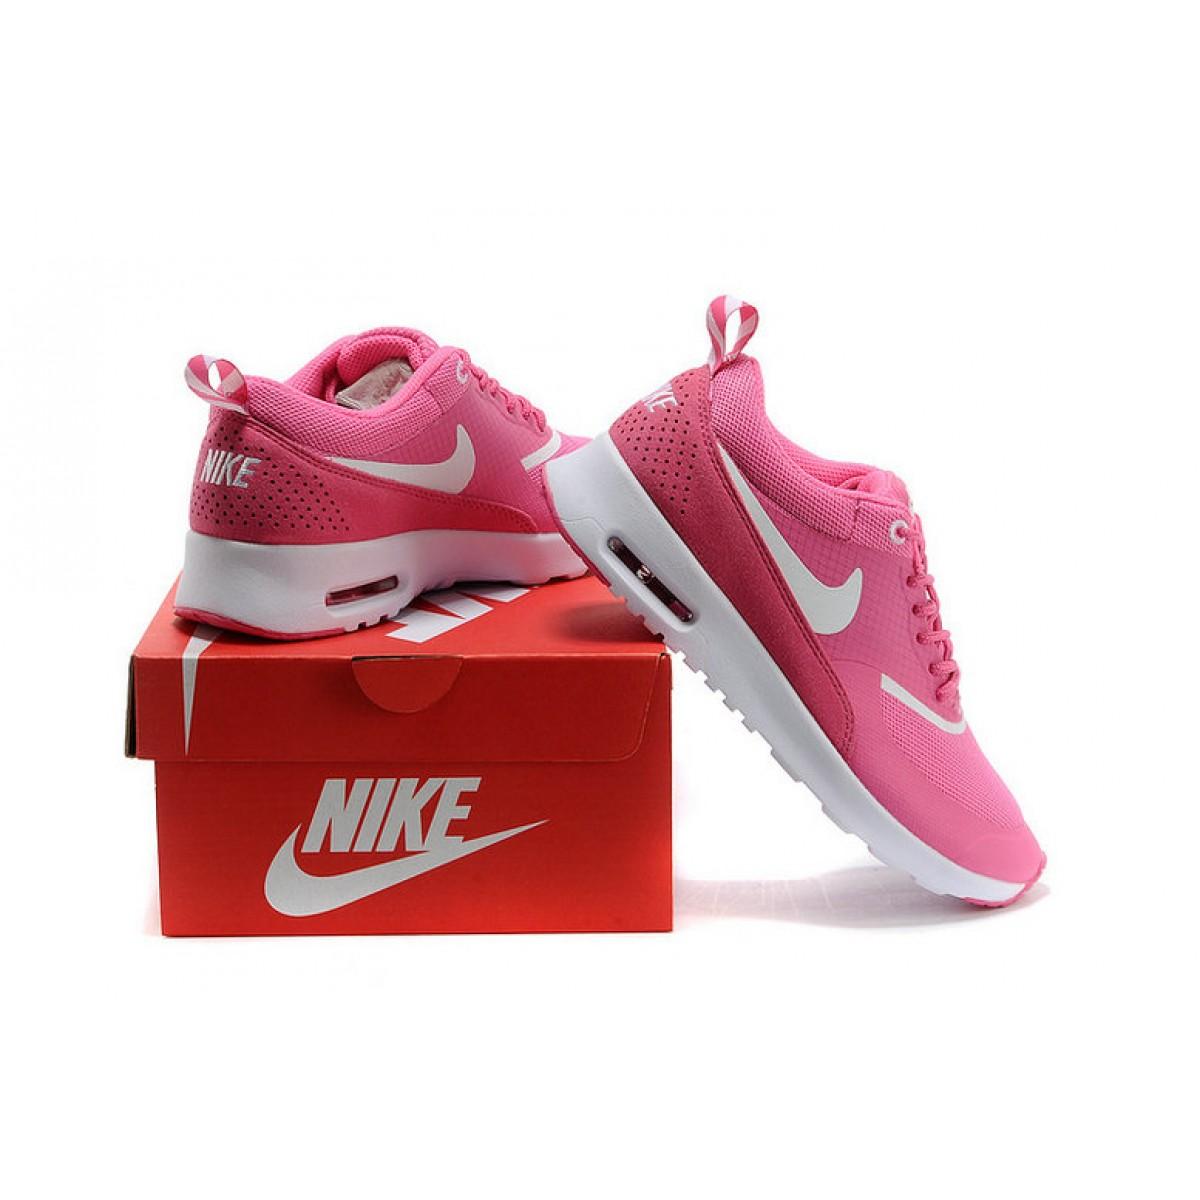 Achat Vente produits Nike Air Max Thea Femme,Nike Air Max